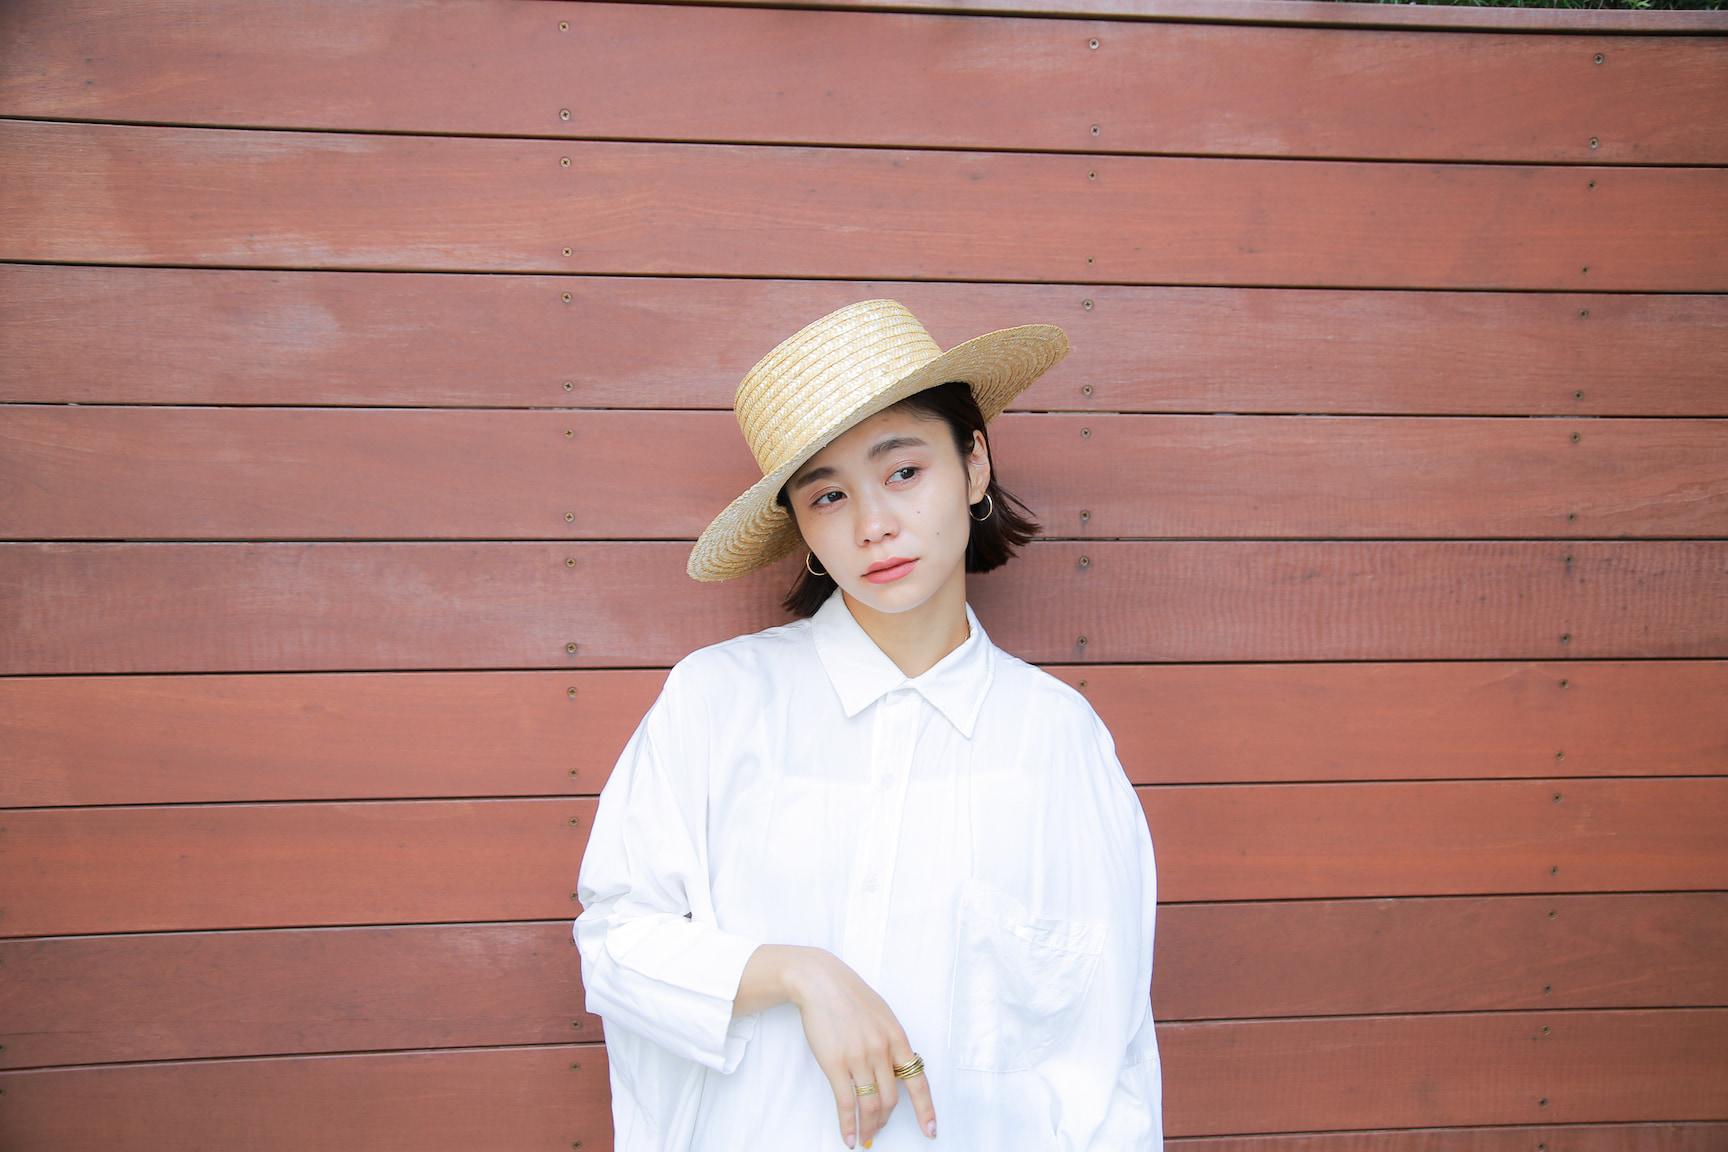 モノトーンで作るリラックス初夏スタイリング/忍舞さんの7days coordinate #Day6